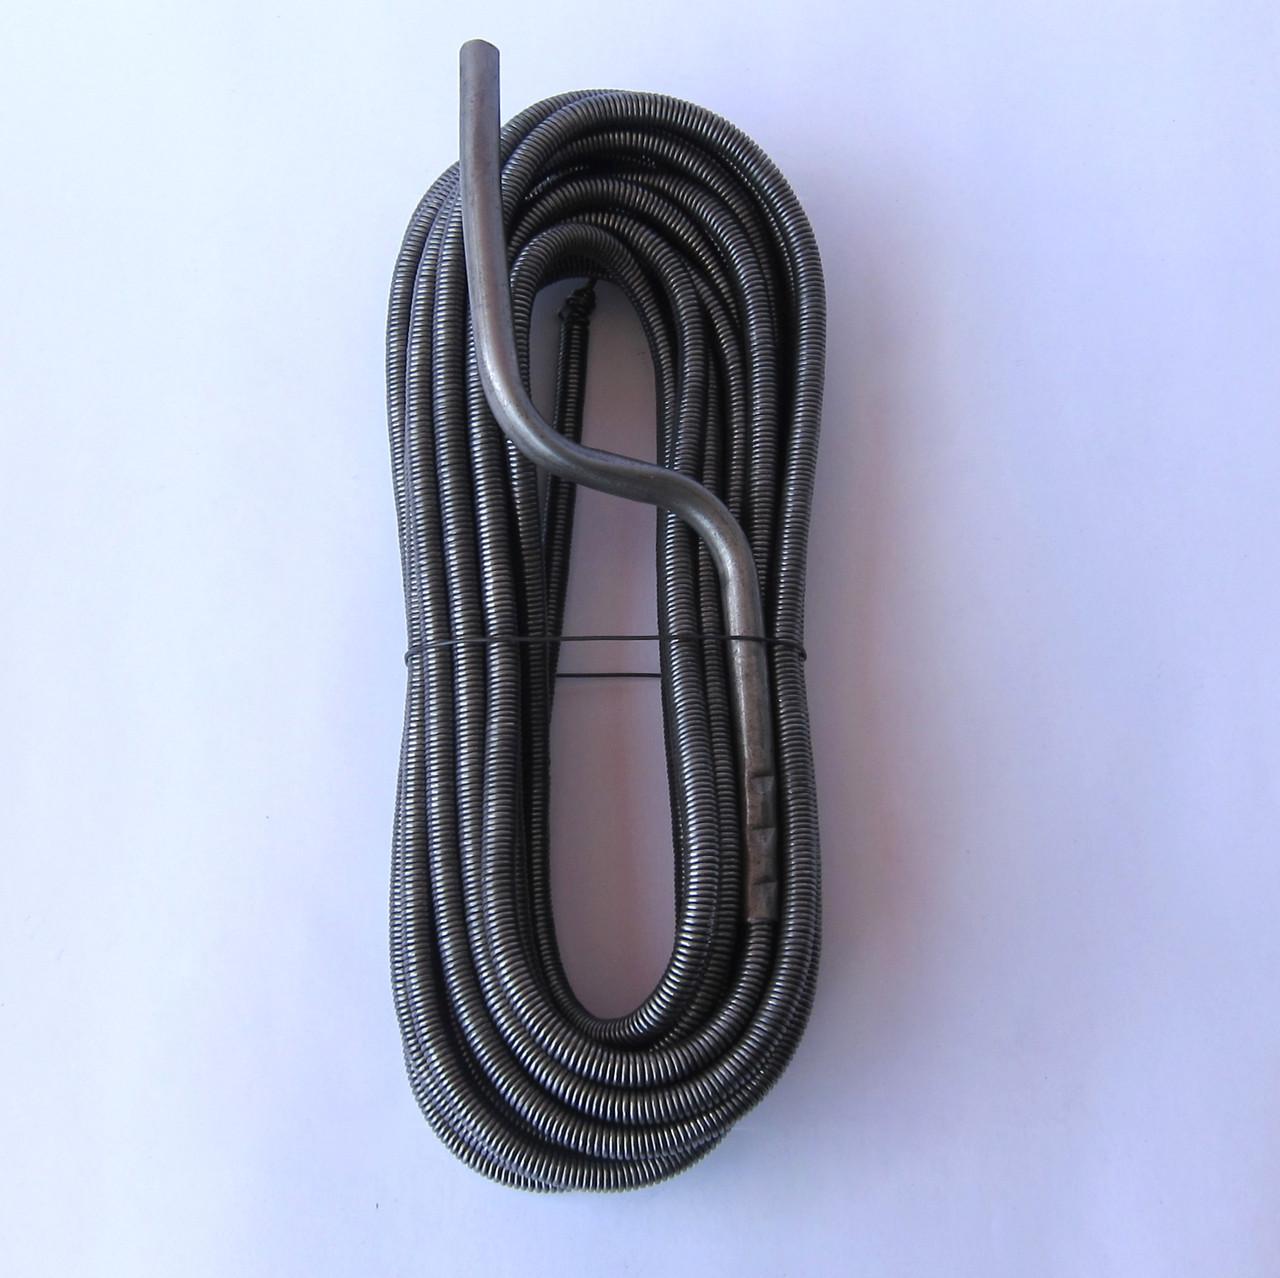 Трос для чистки канализации ➡️ D=10 мм / L=4 м ➡️ Канализационный трос